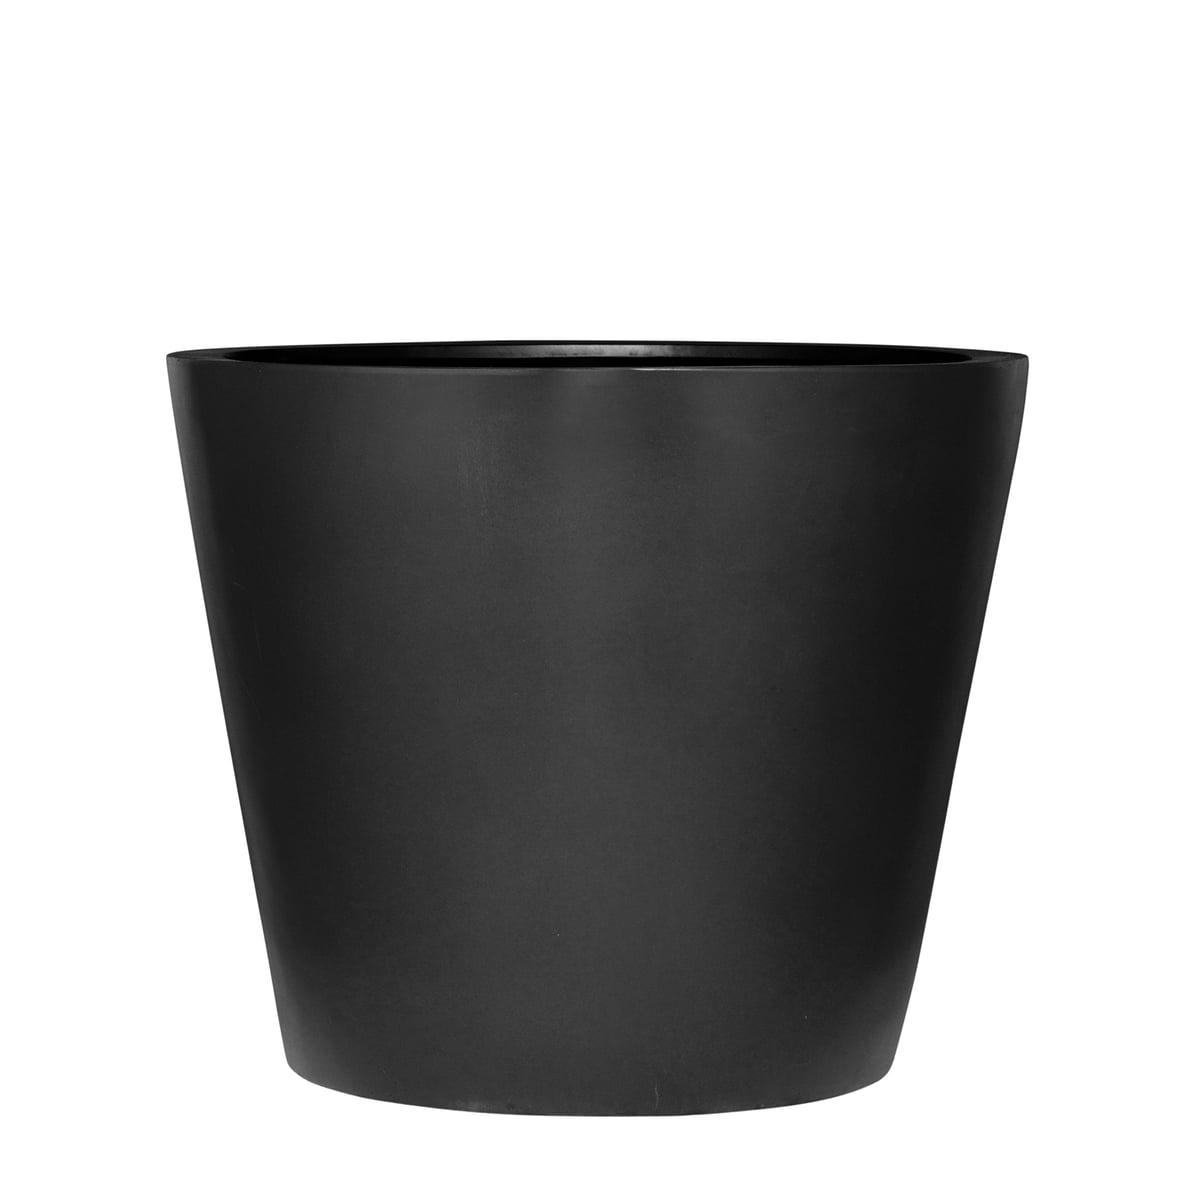 Amei - Der Runde Pflanzkübel, M, schwarz | Dekoration > Dekopflanzen | Schwarz | Stonefiber (mixtur als polyesterharz und gemahlenem stein mit strängen aus fiberglas) | Amei